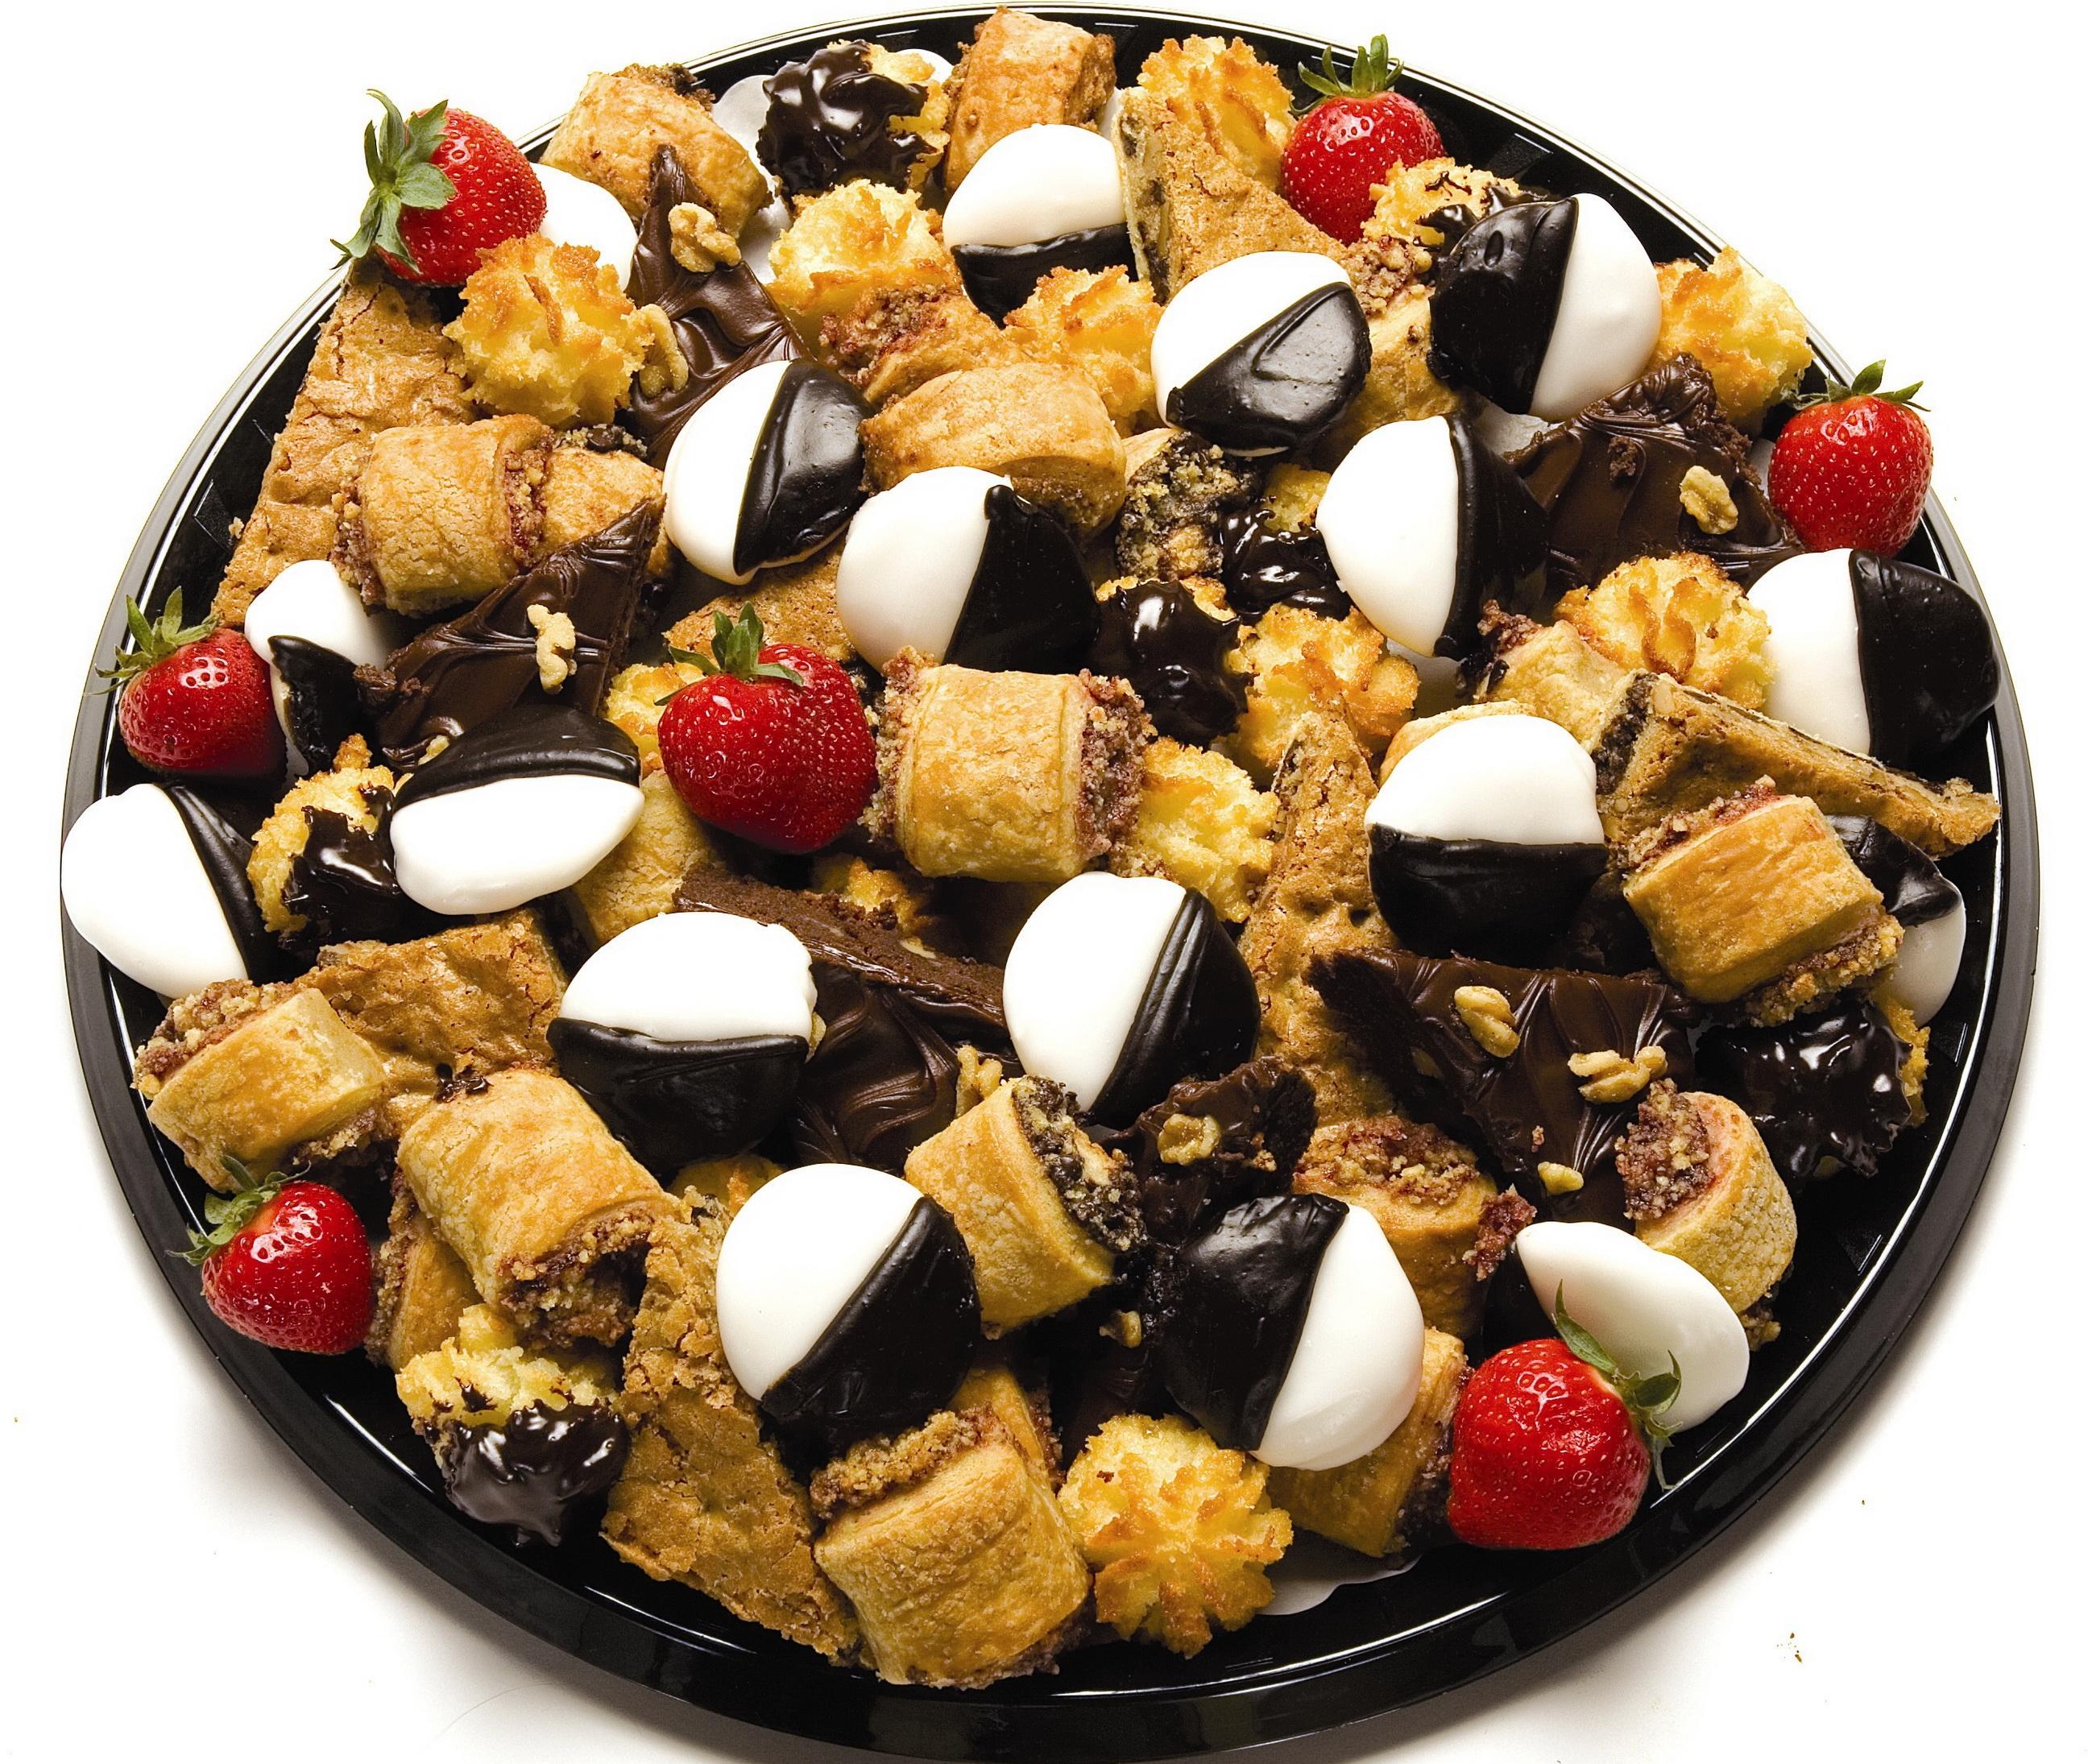 59093 скачать обои Еда, Торт, Шоколад, Фрукты, Ягоды, Конфеты - заставки и картинки бесплатно